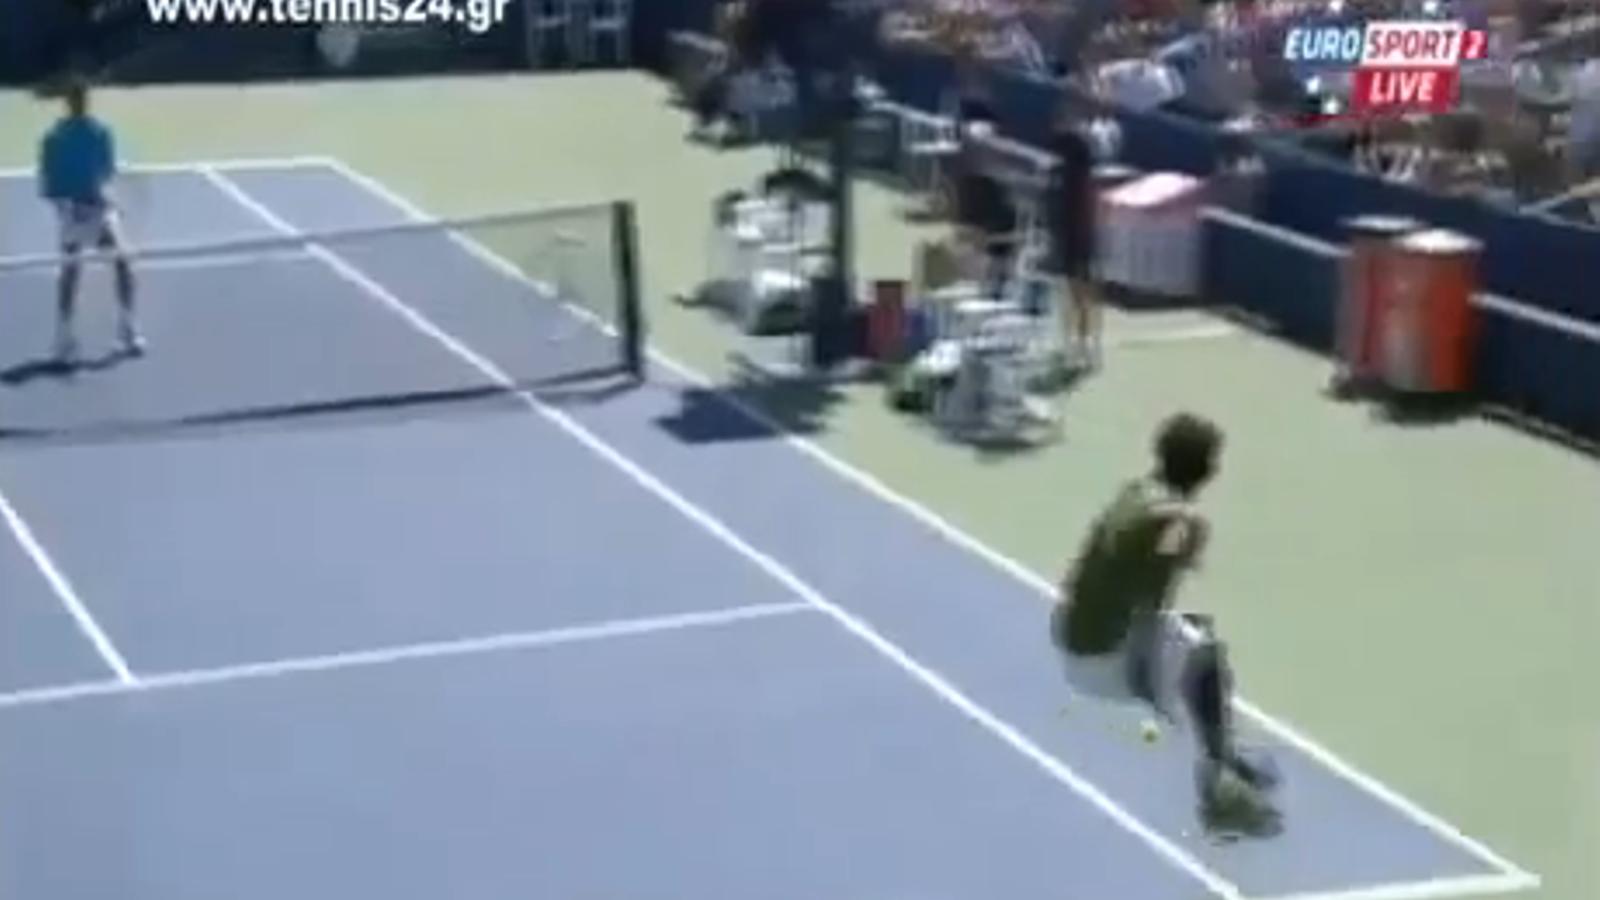 Gest tècnic increïble del tenista francès Gael Monfils en el partit del US Open contra Juan Carlos Ferrero. El partit el va guanyar el valencià en cinc sets (7-6, 5-7, 6-7, 6-4 i 6-4)